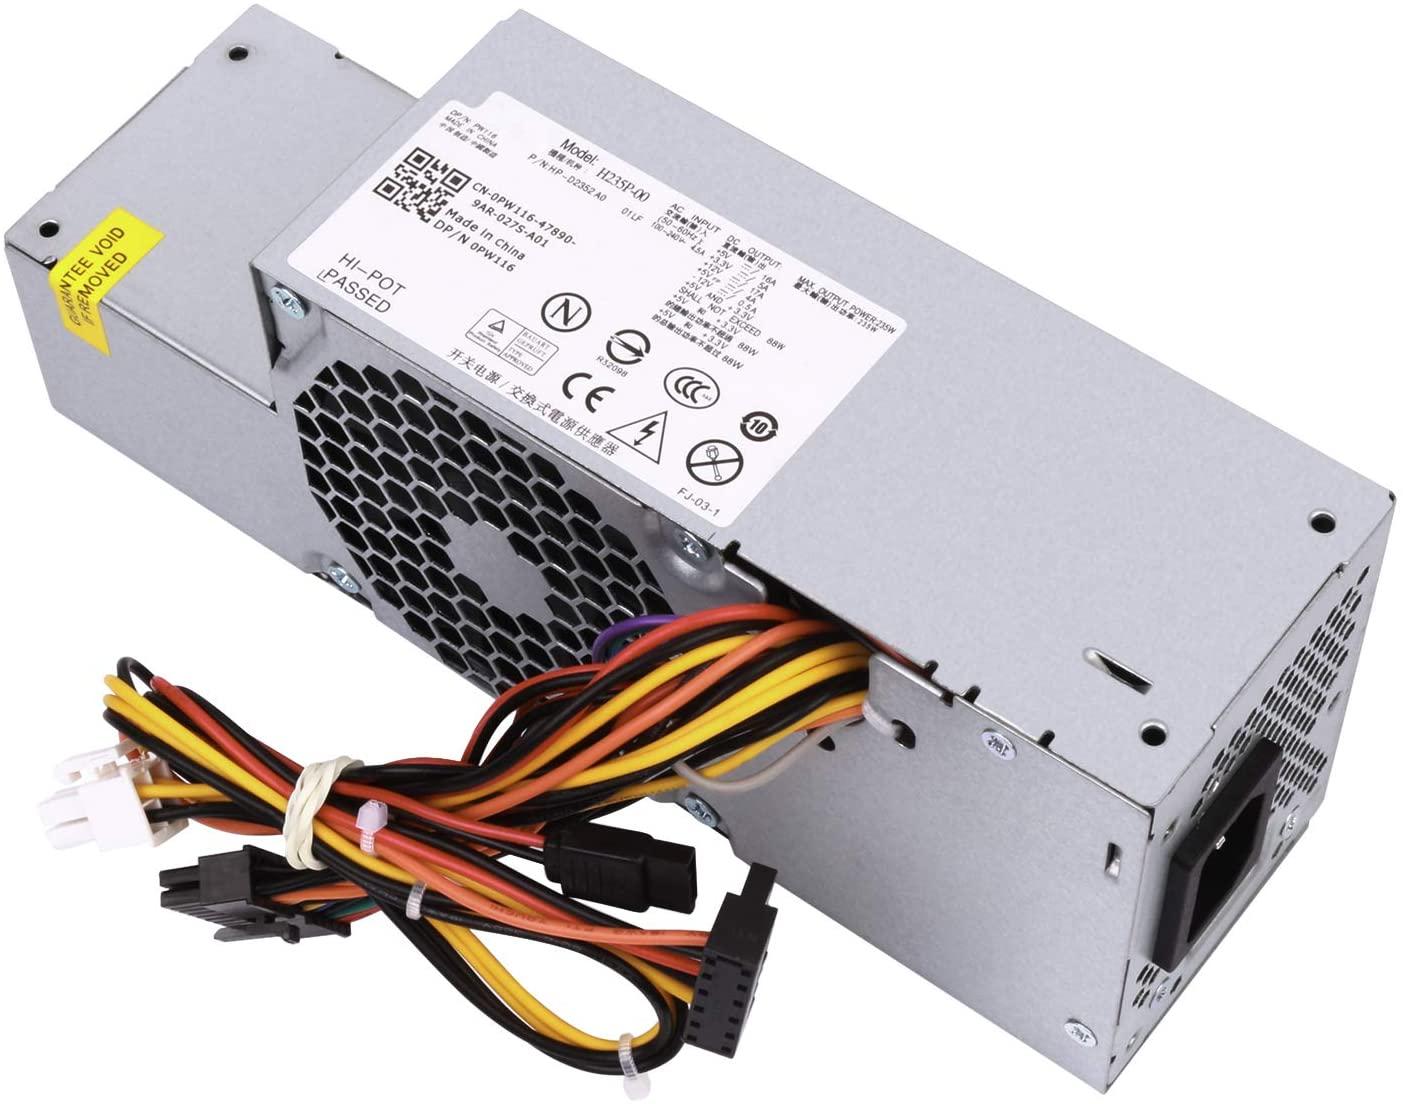 LXun 235W Power Supply Replacement for Dell OptiPlex 580 760 780 960 980 990 SFF Systems (P/N: PW116 FR610 RM112 67T67 R224M WU136, M/N: H235P-00 L235P-01 L235P-00 H235E-00 F235E-00 L235ES-00)